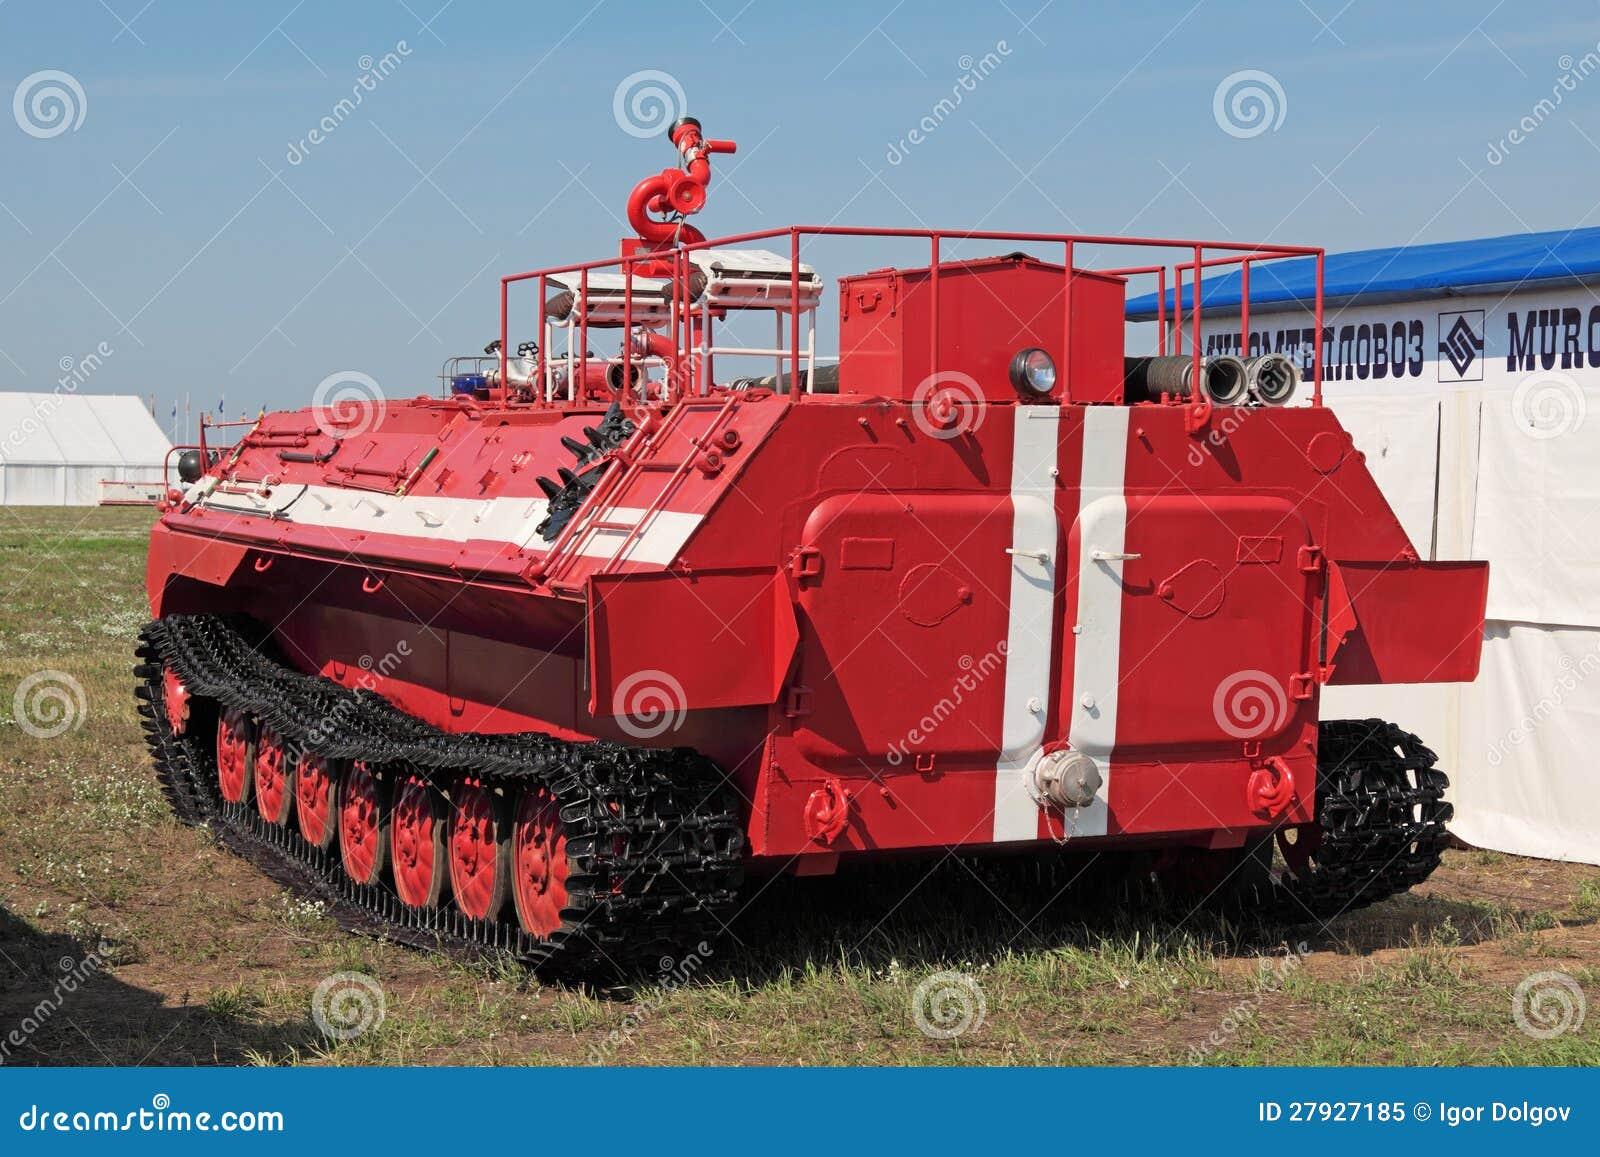 caterpillar-fire-truck-27927185.jpg